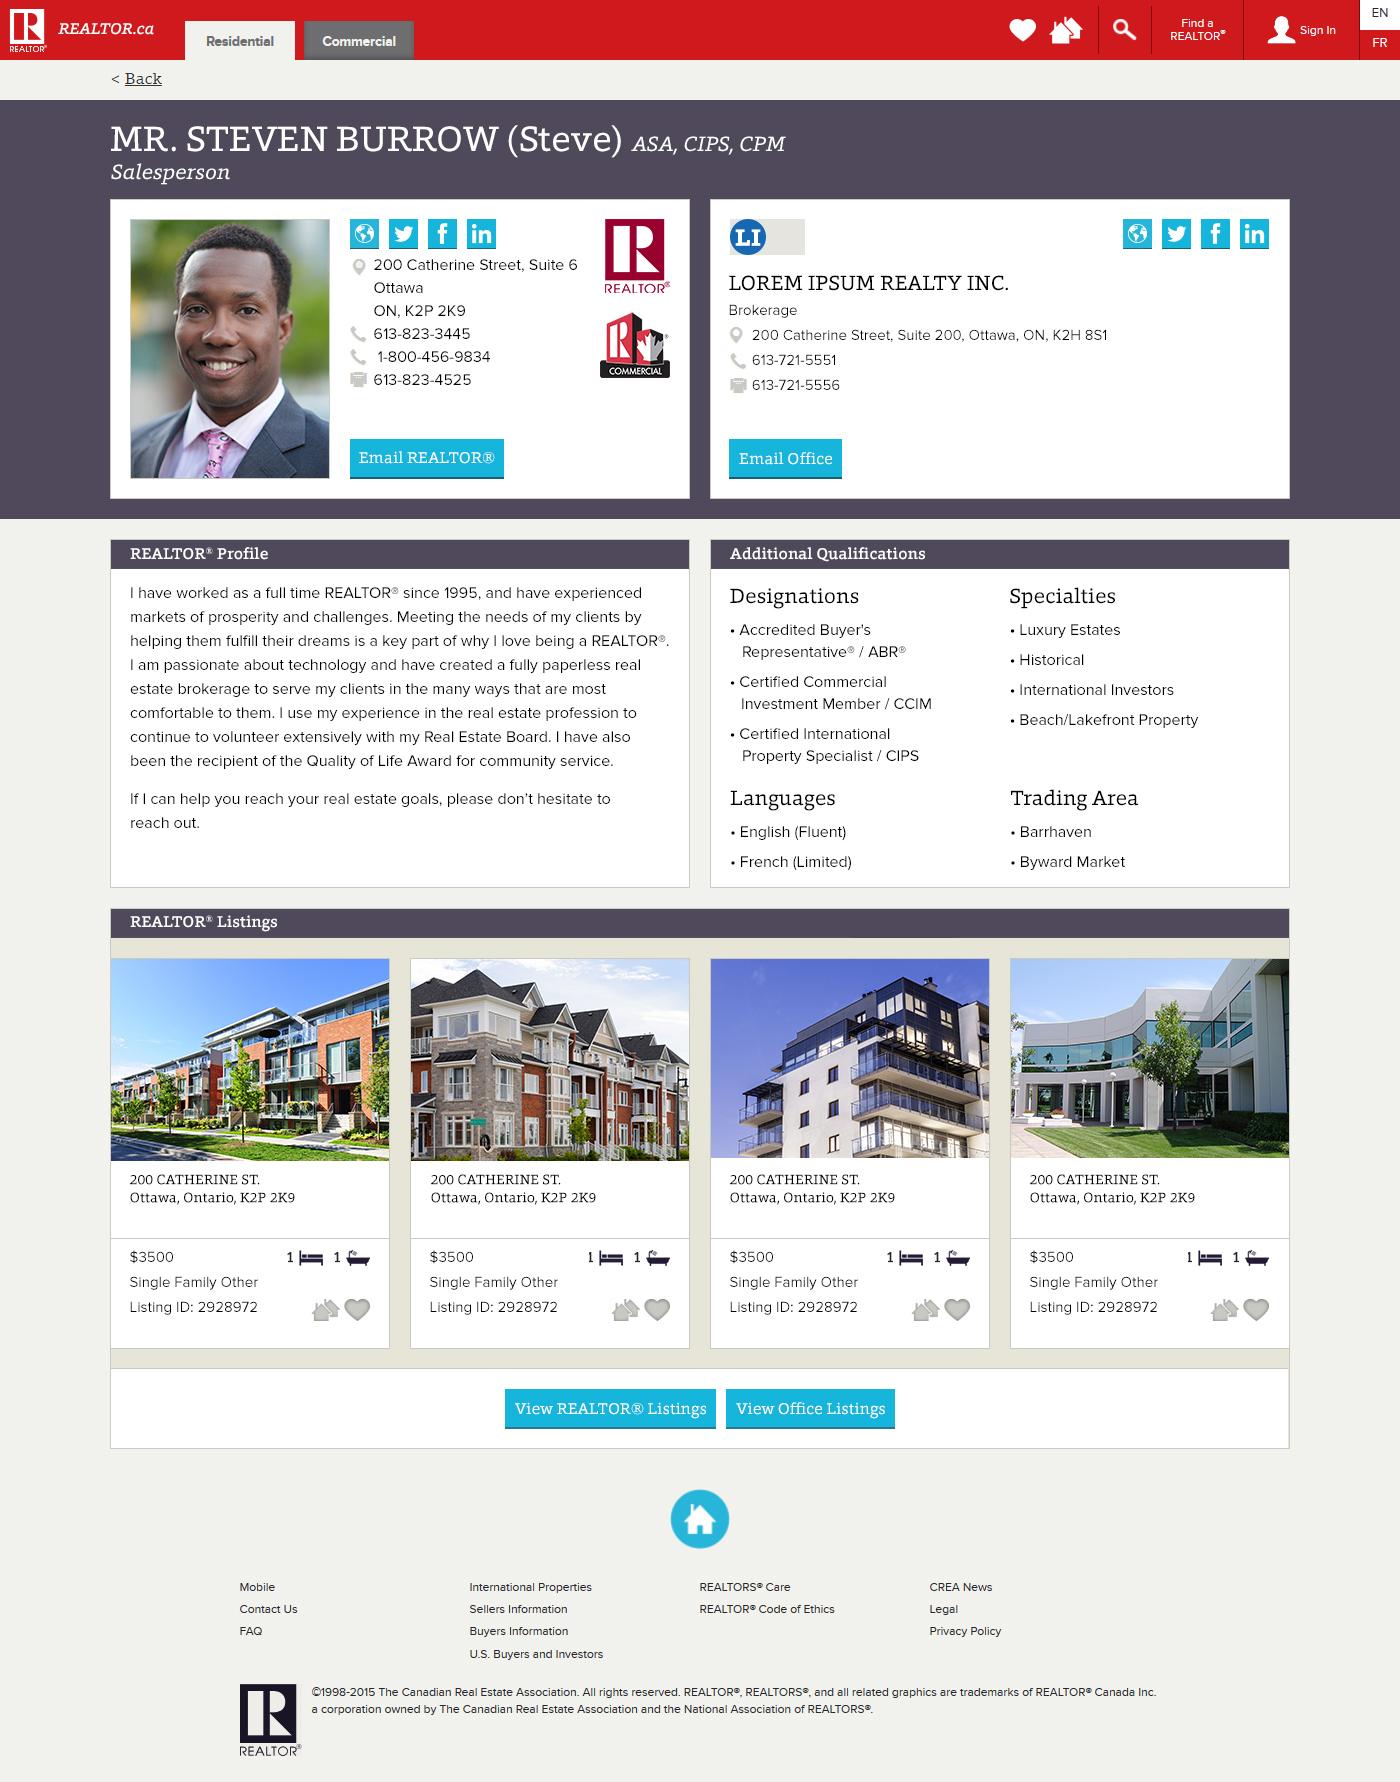 REALTOR.ca profile.